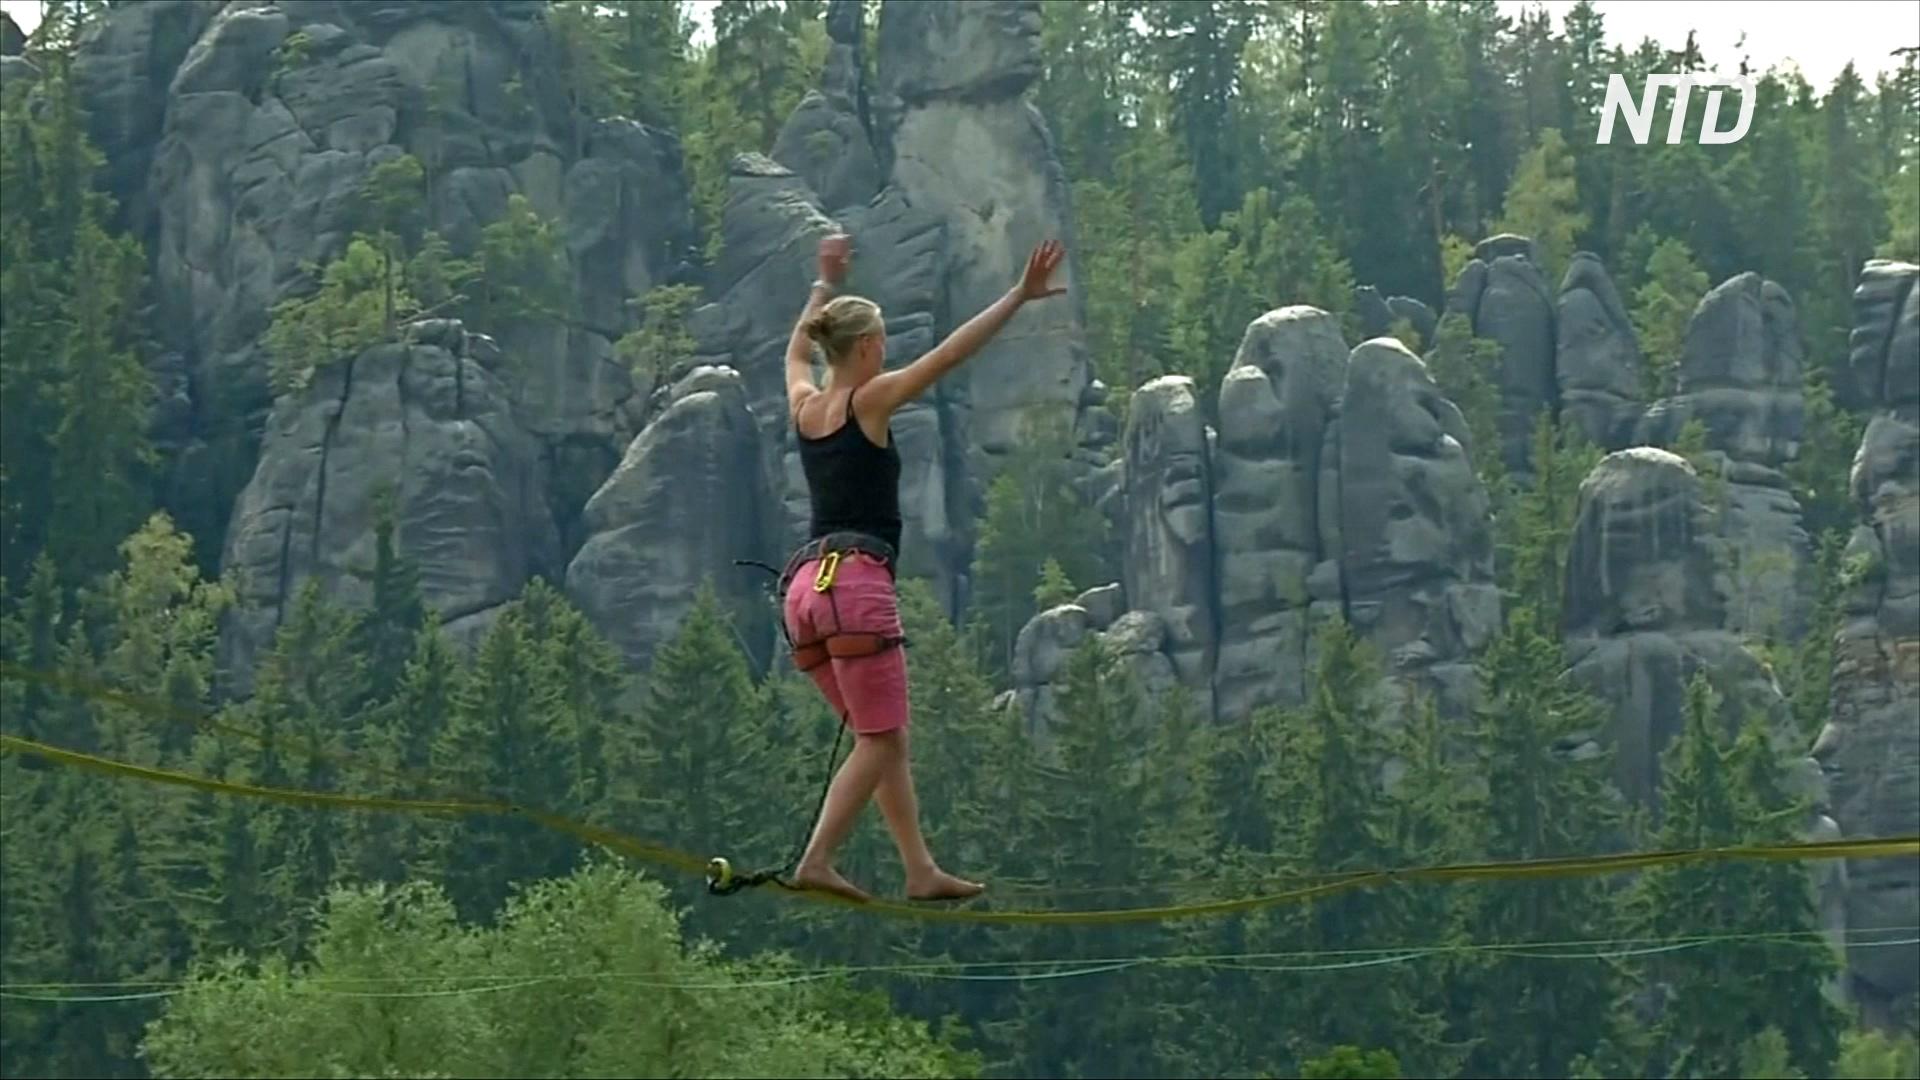 Любители слэклайна походили по стропам над чешским лесом